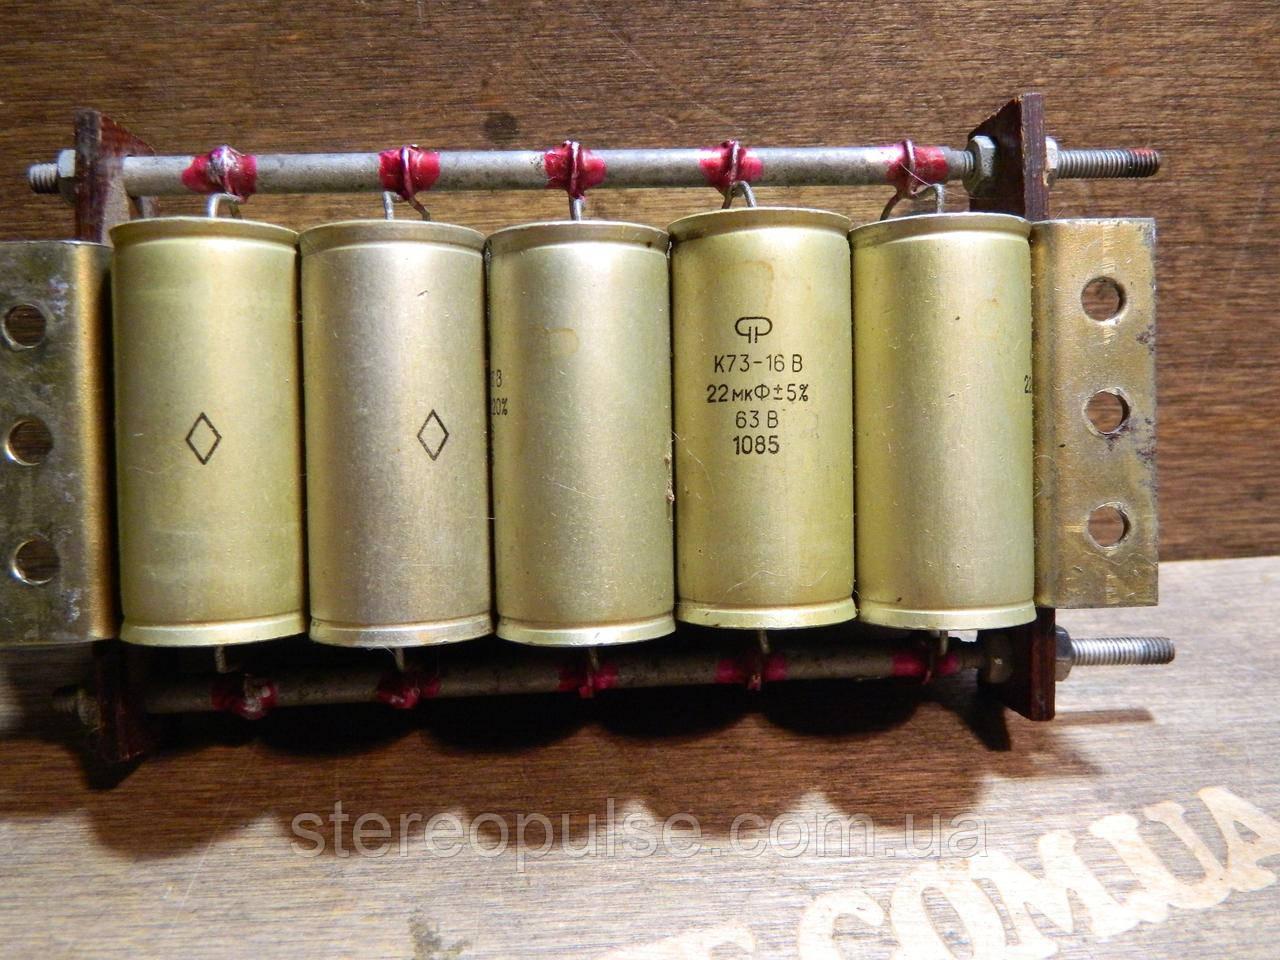 Набор конденсаторов  К73- 16В  22мкФ - 63В 10шт